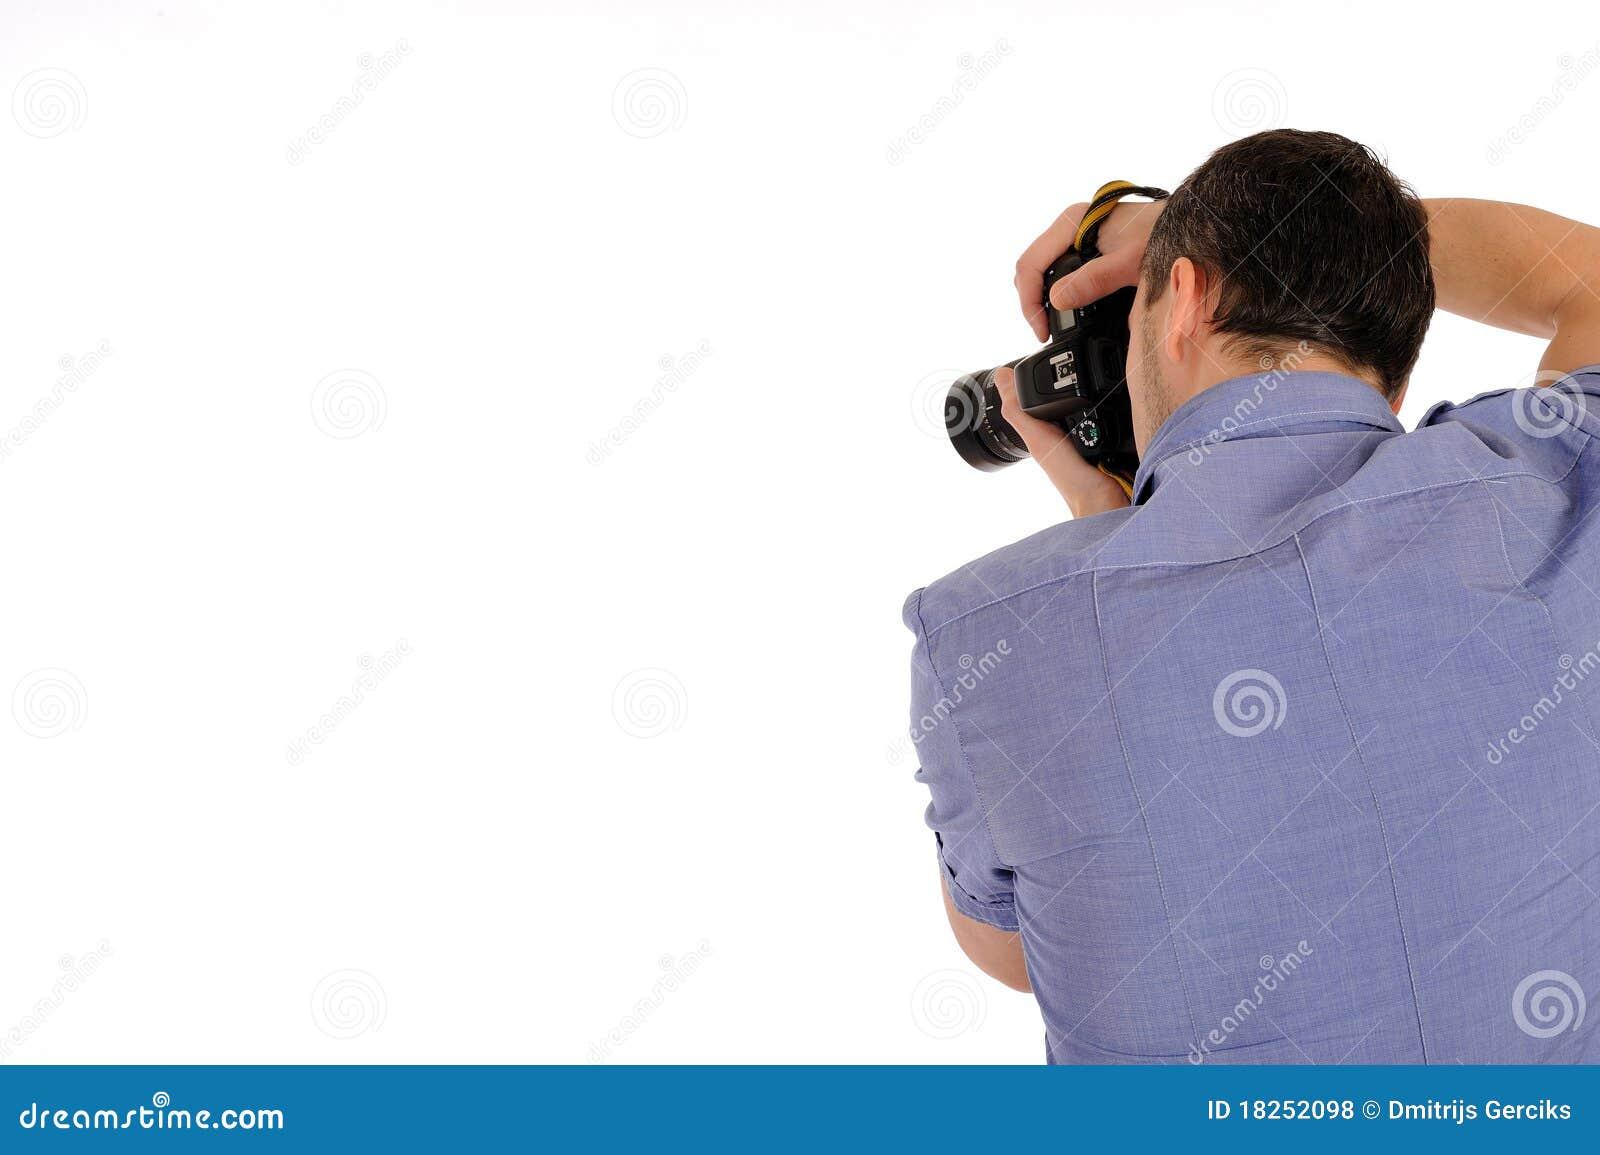 сфотографировала со спины все бросил уехал